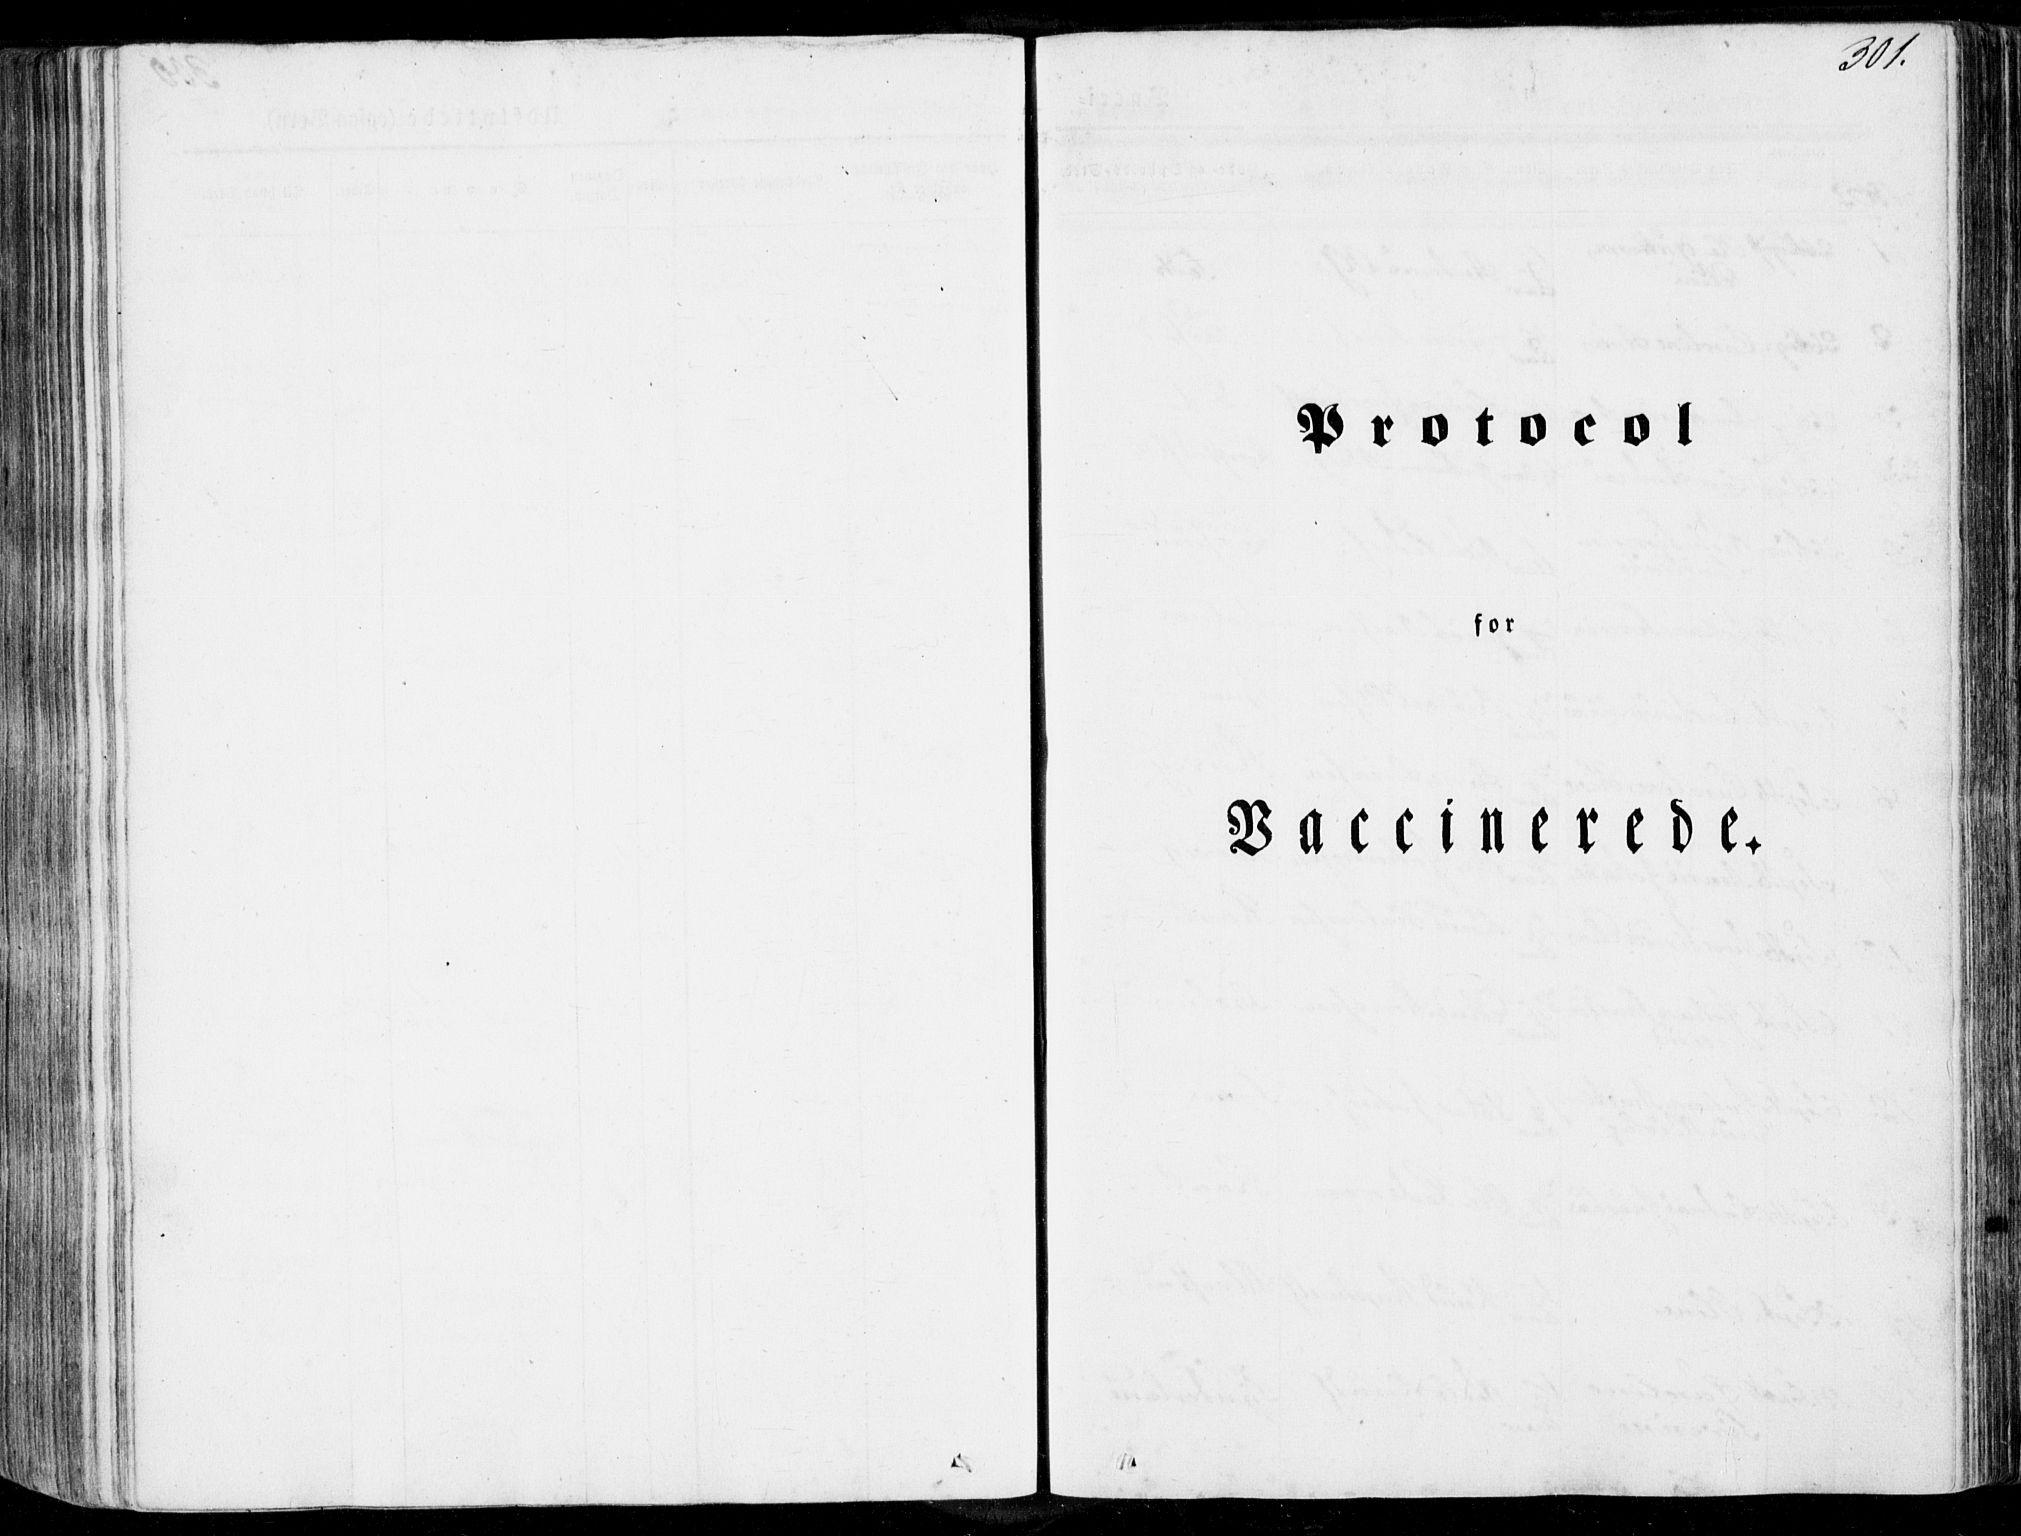 SAT, Ministerialprotokoller, klokkerbøker og fødselsregistre - Møre og Romsdal, 536/L0497: Ministerialbok nr. 536A06, 1845-1865, s. 301